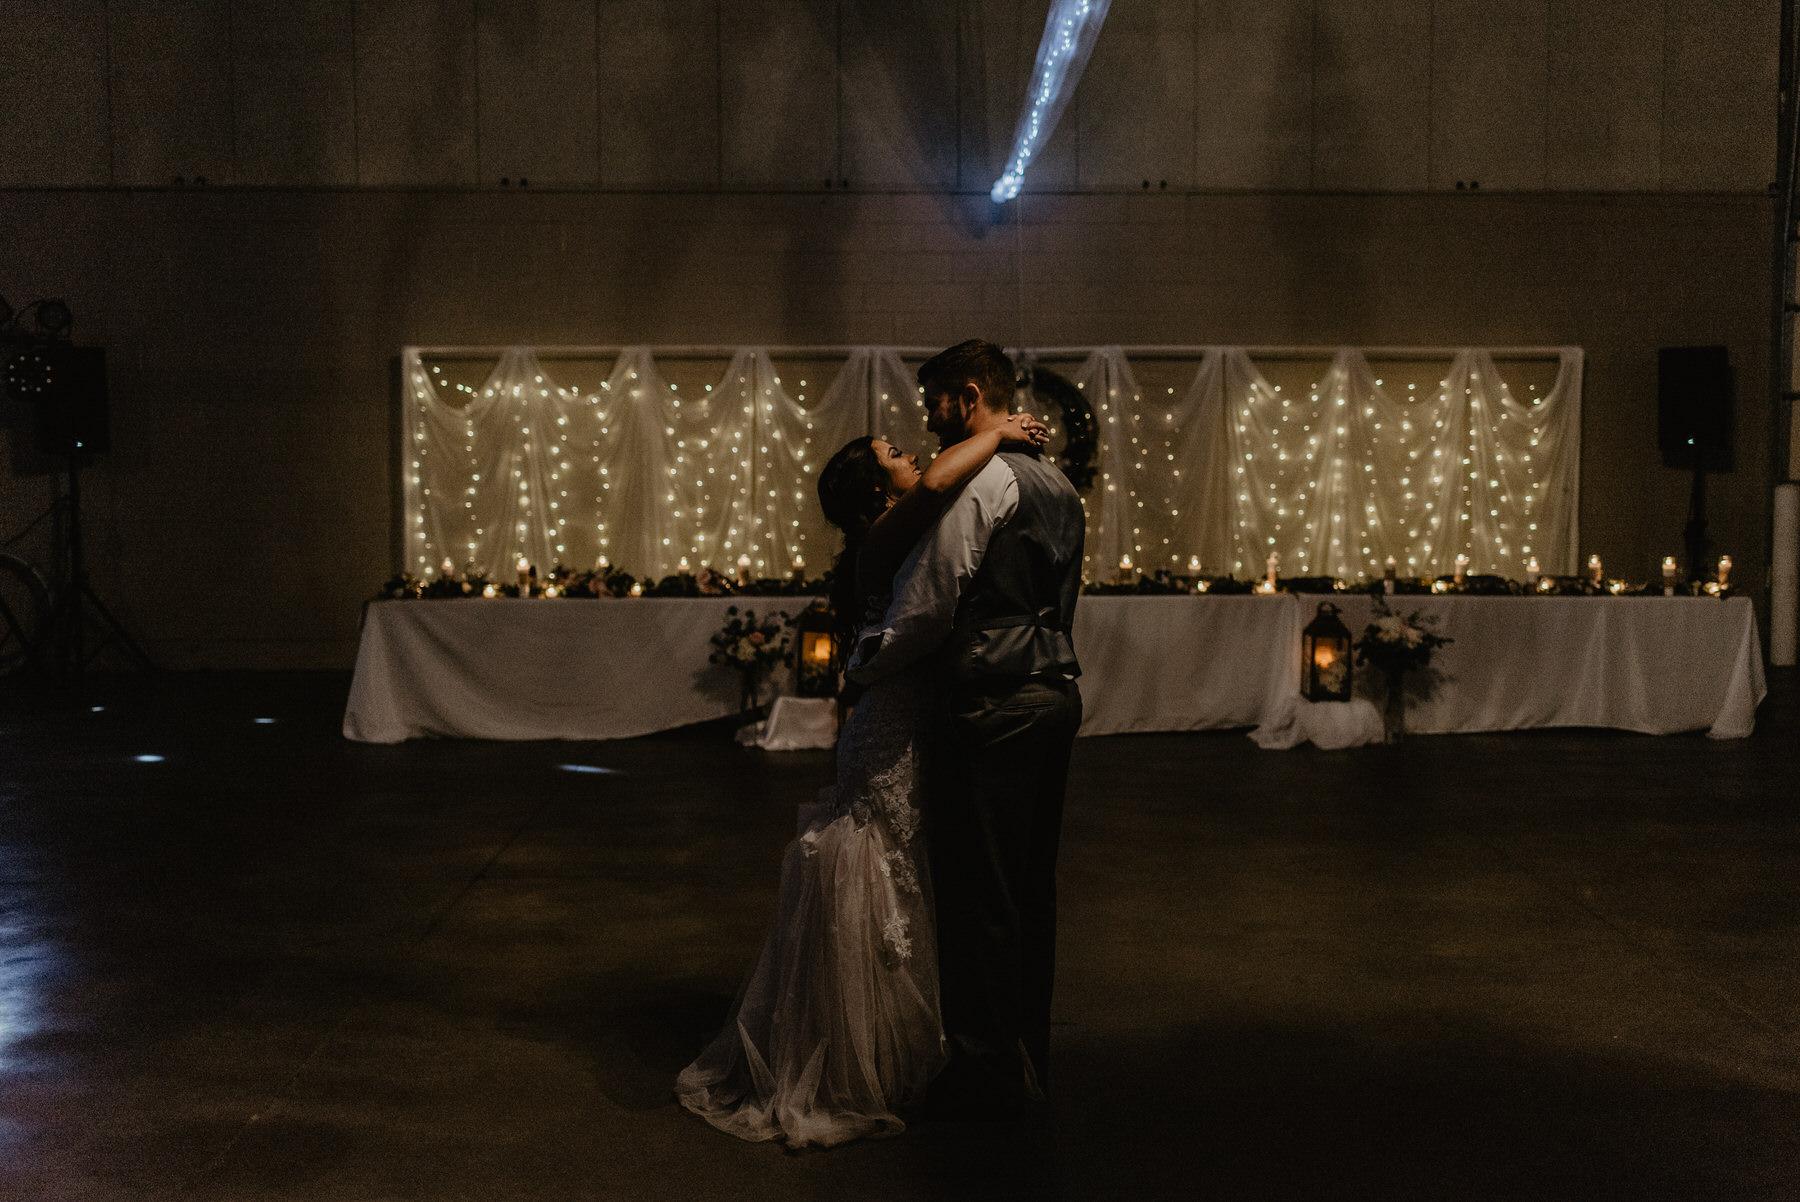 Kaylie-Sirek-Photography-Kearney-Nebraska-Wedding-108.jpg